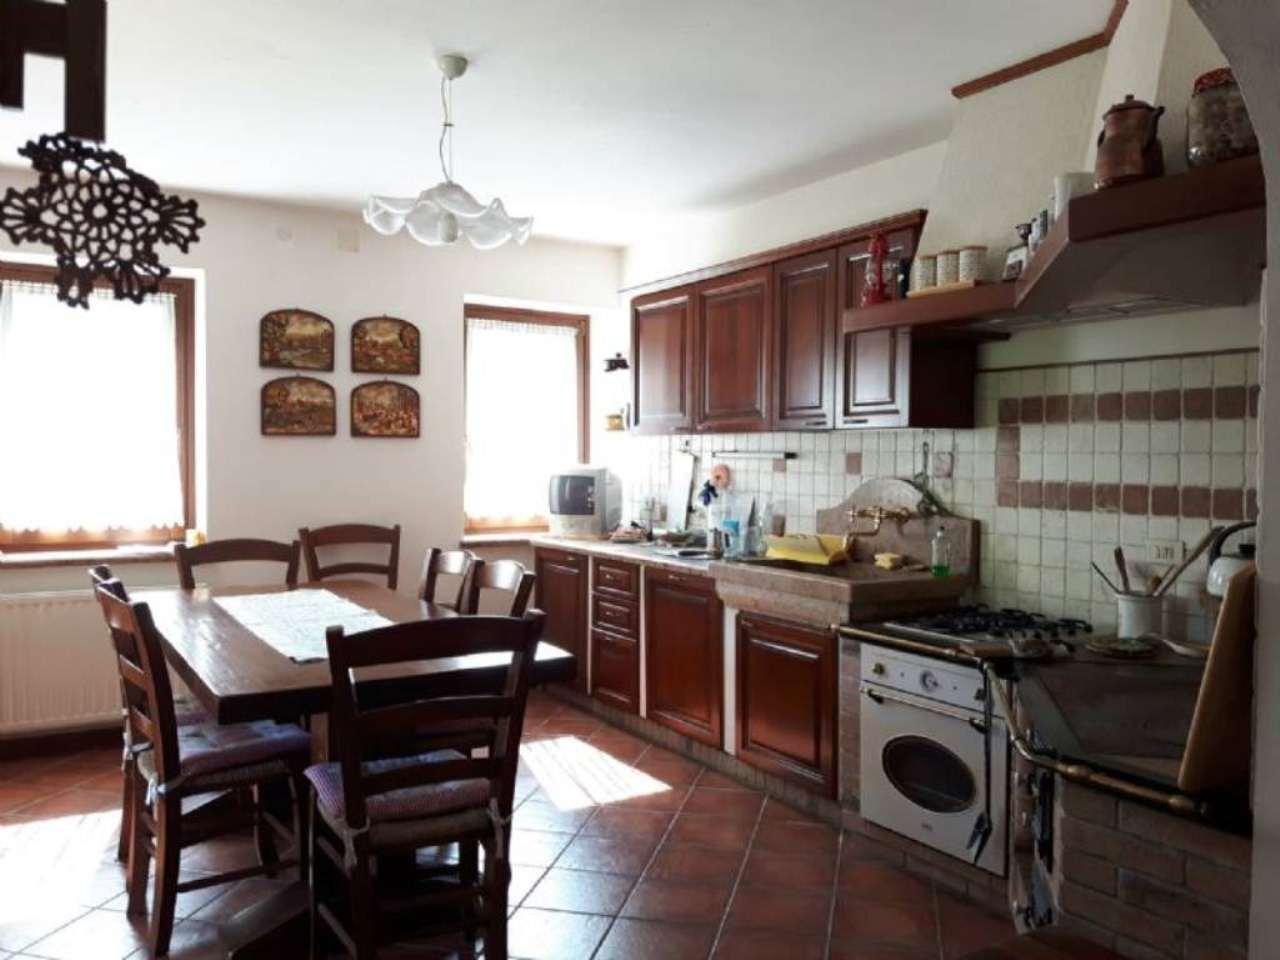 Soluzione Indipendente in vendita a Cividale del Friuli, 4 locali, prezzo € 200.000 | Cambio Casa.it